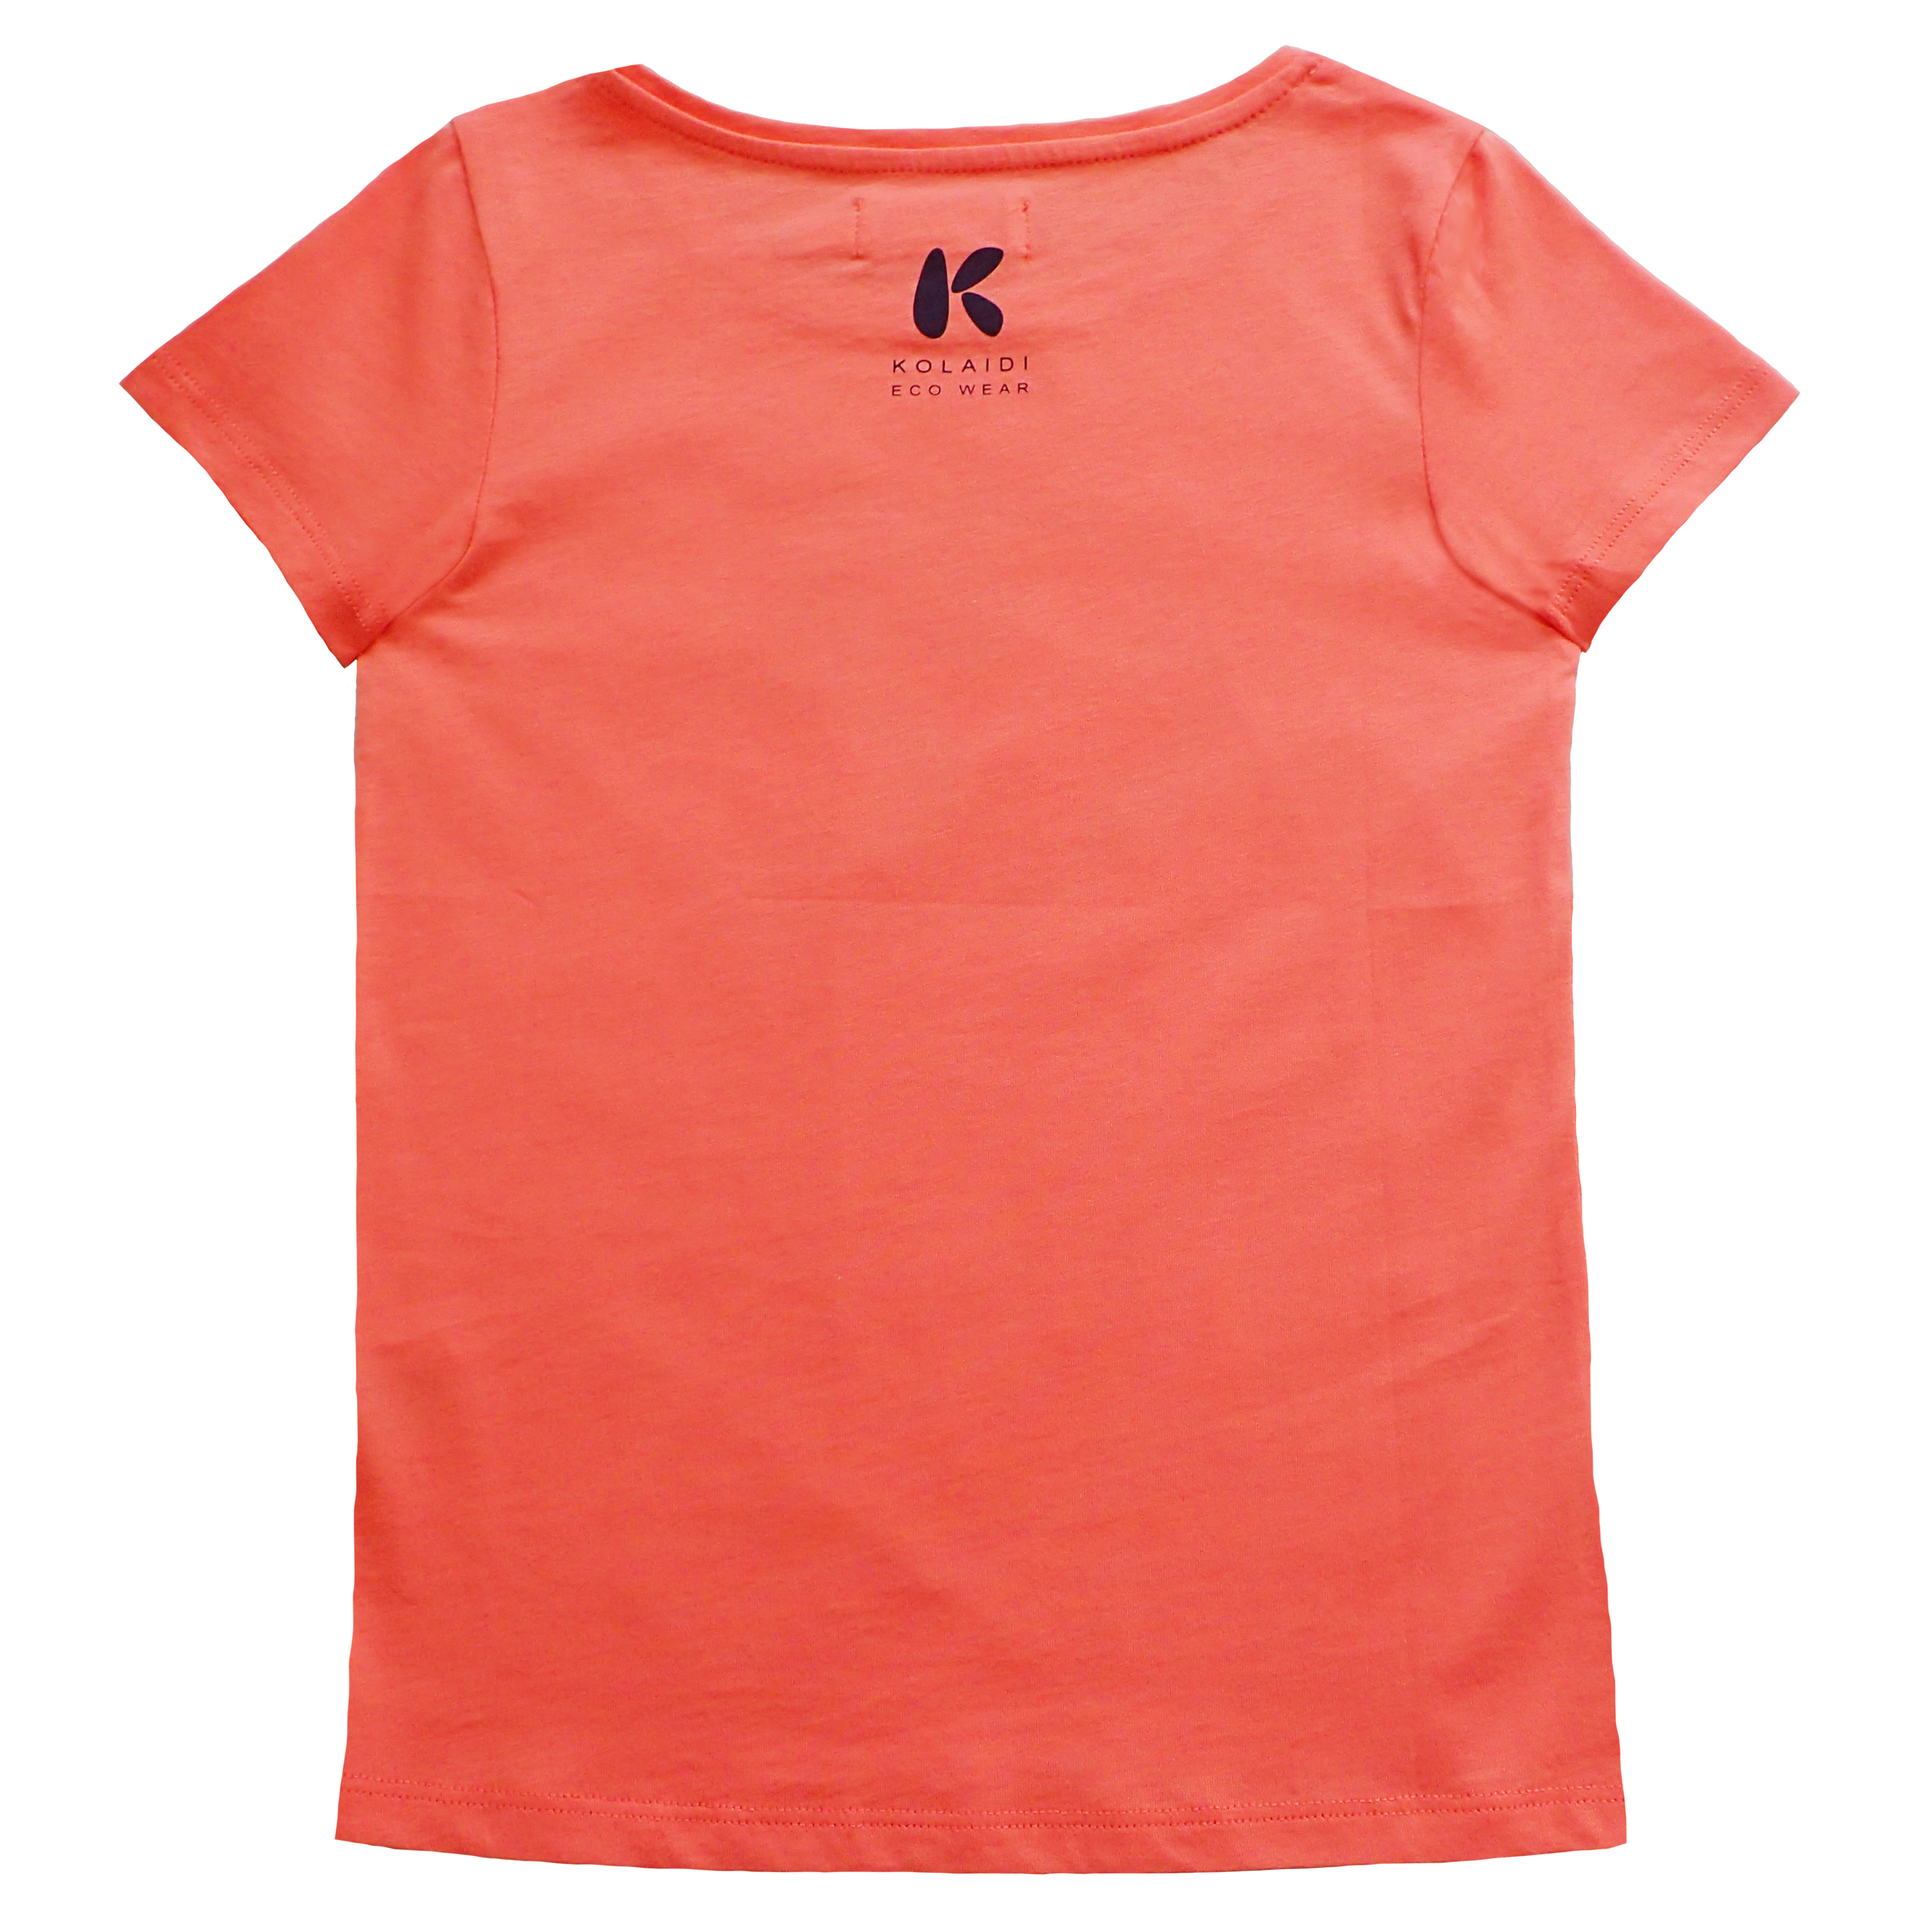 Pige T-shirt med print